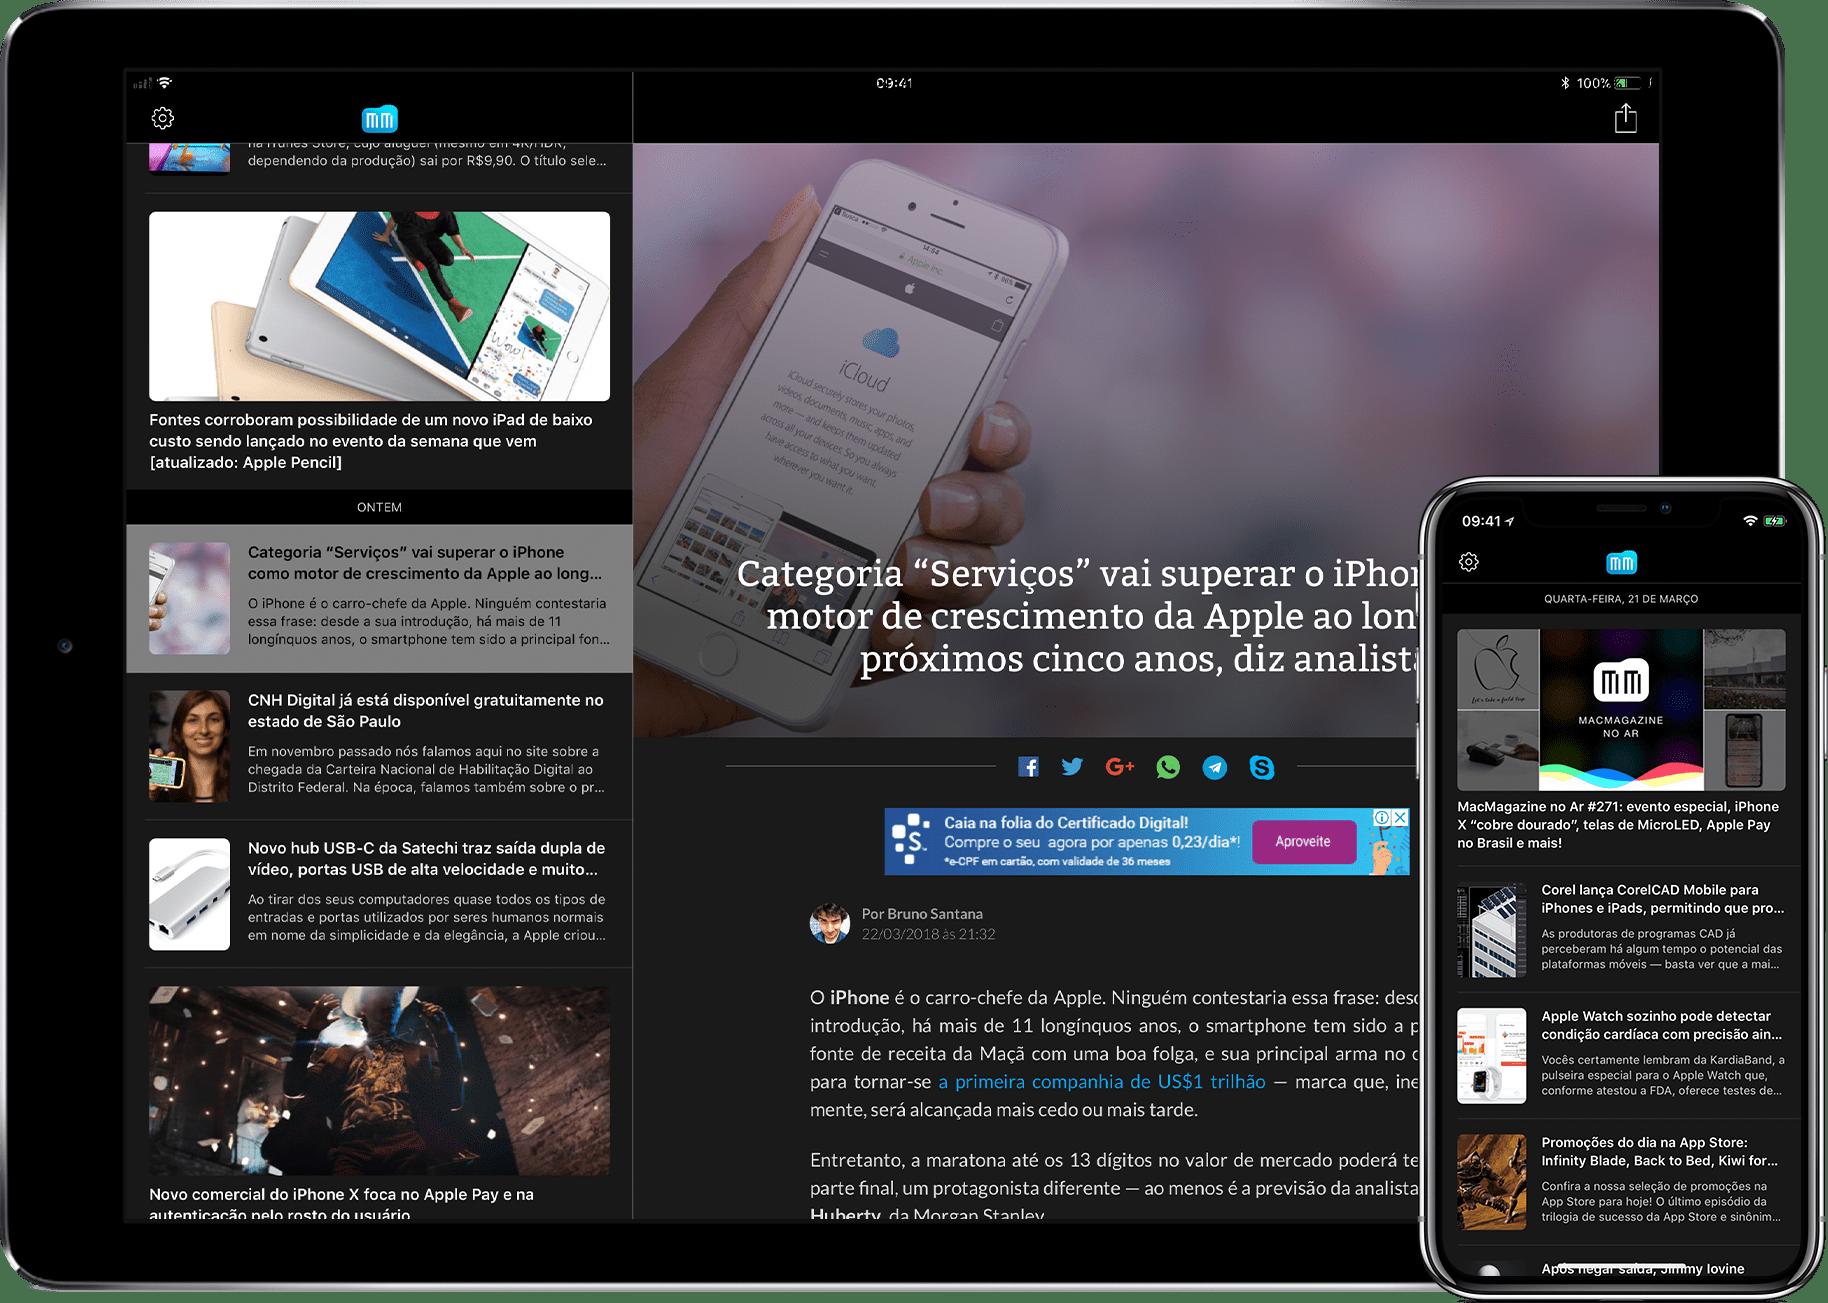 MacMagazine 3.2 para iOS